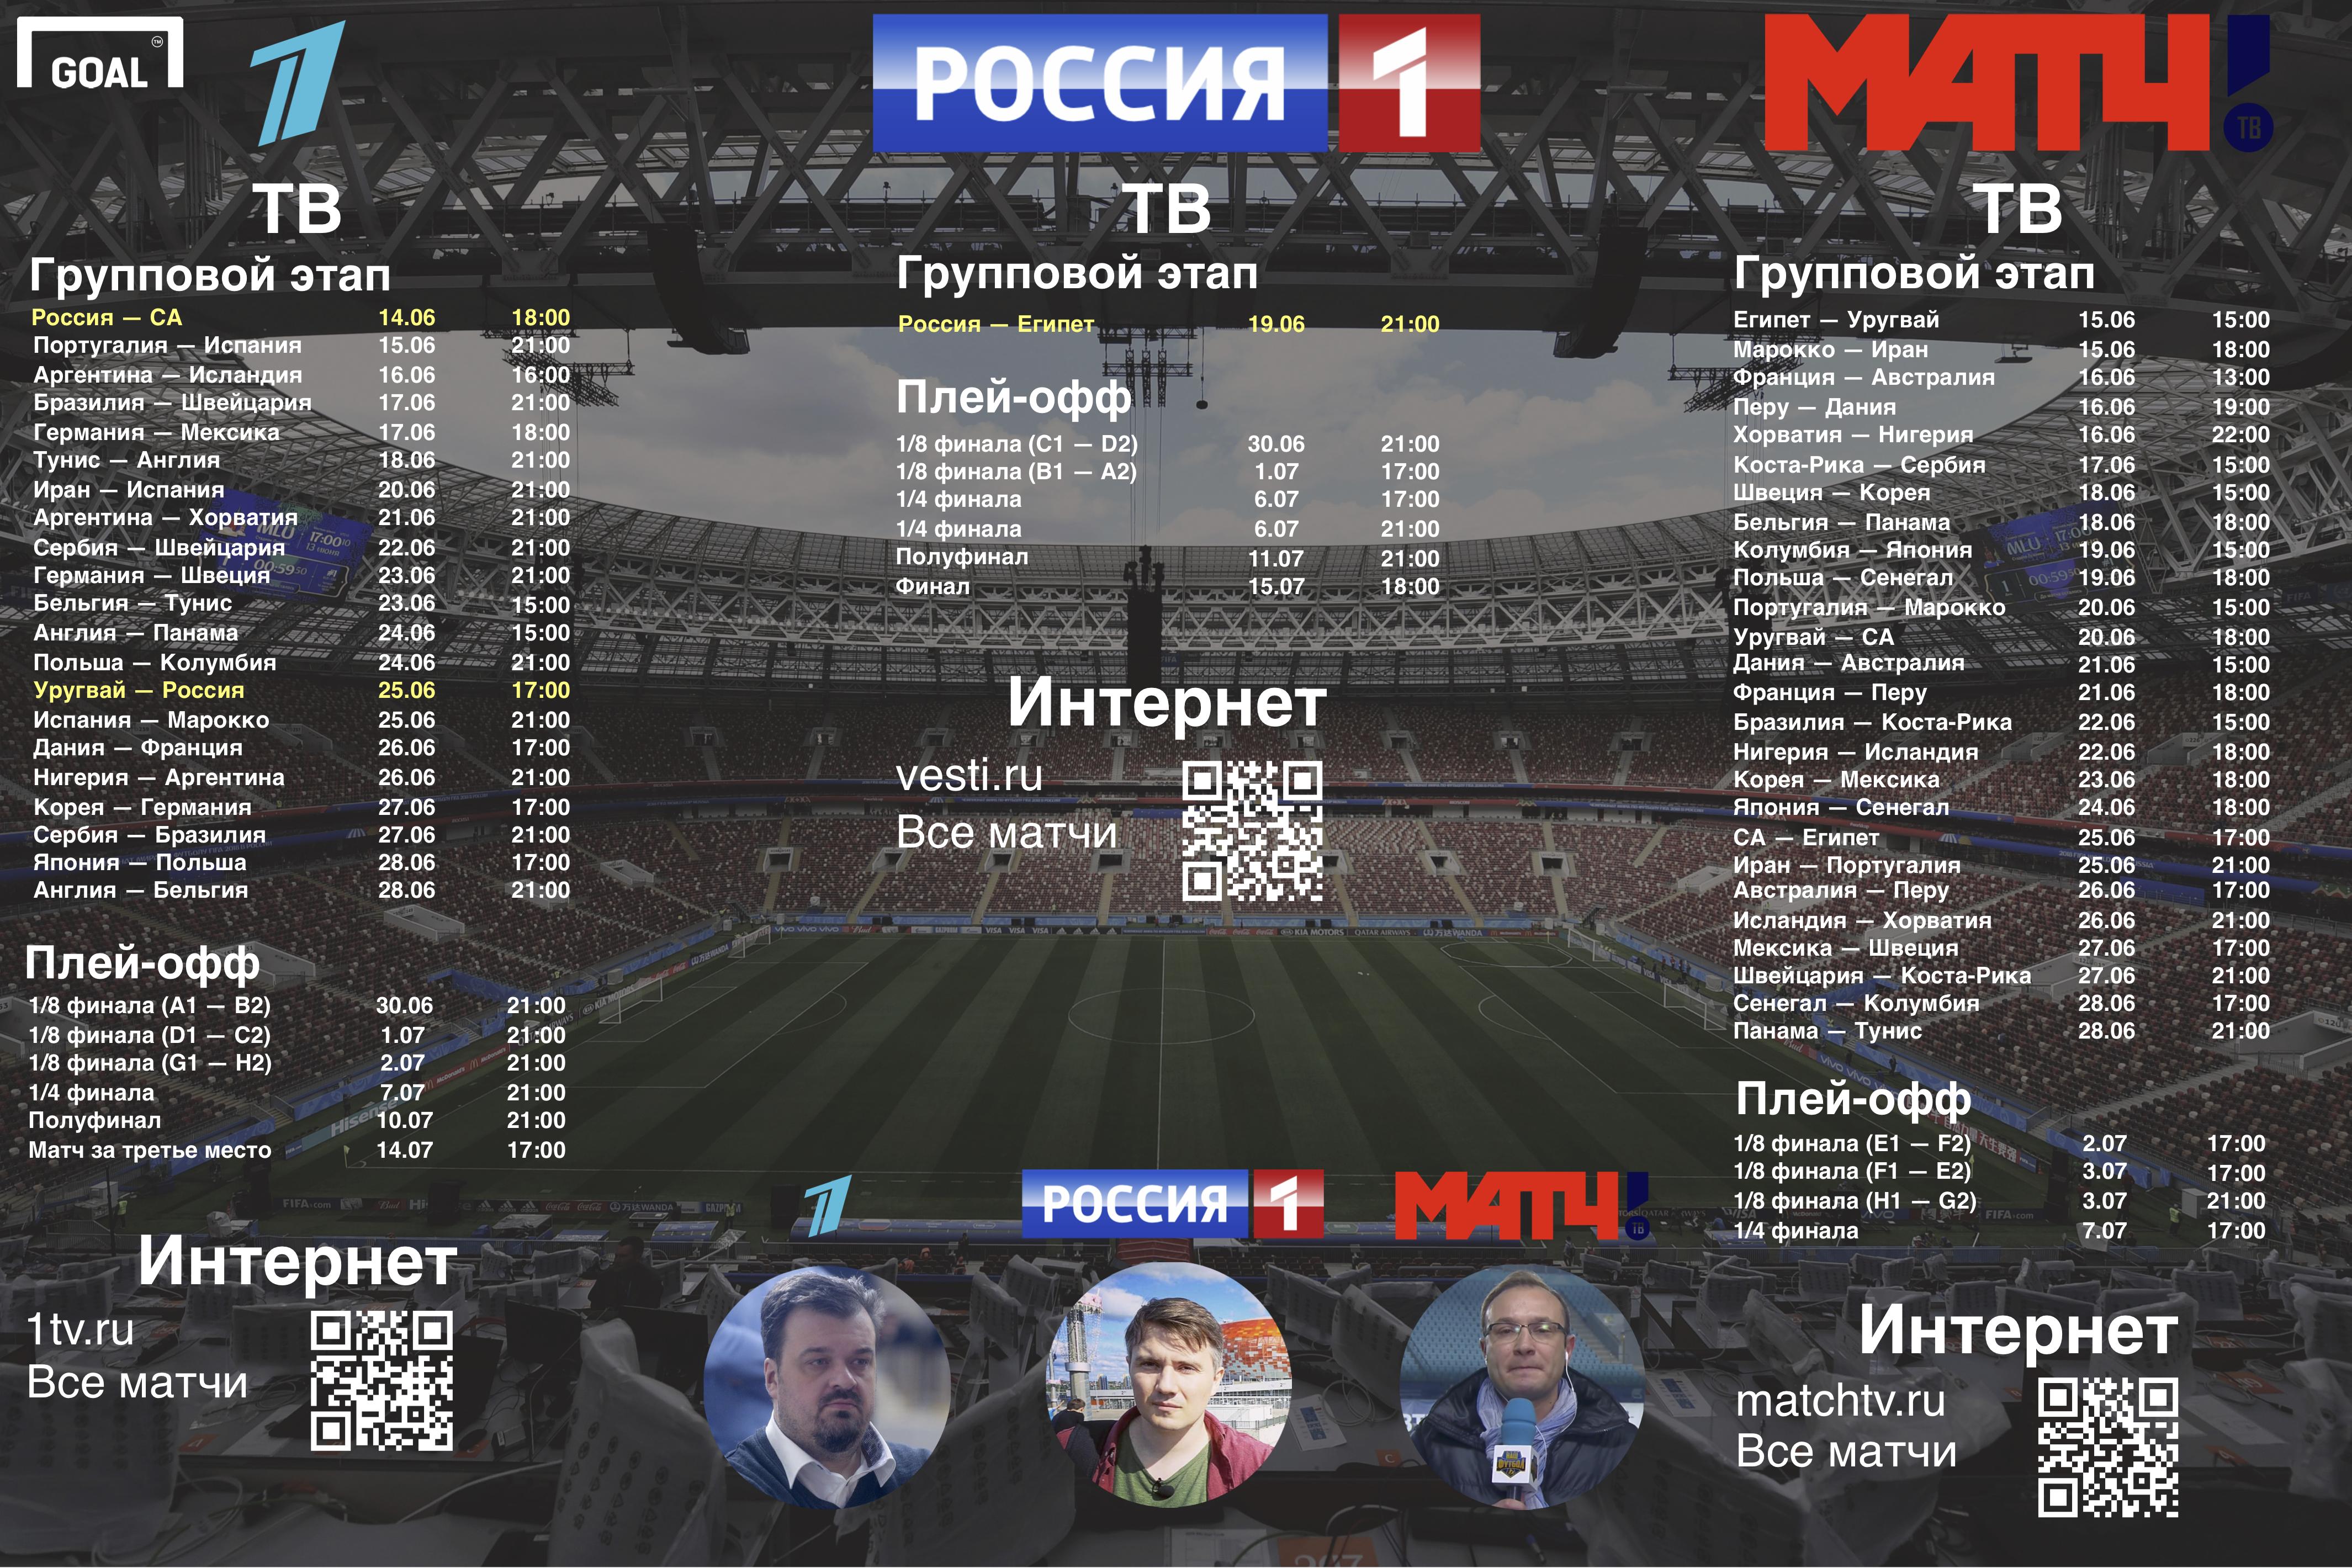 Инфографика. Матч ЧМ-2018 на российских каналах